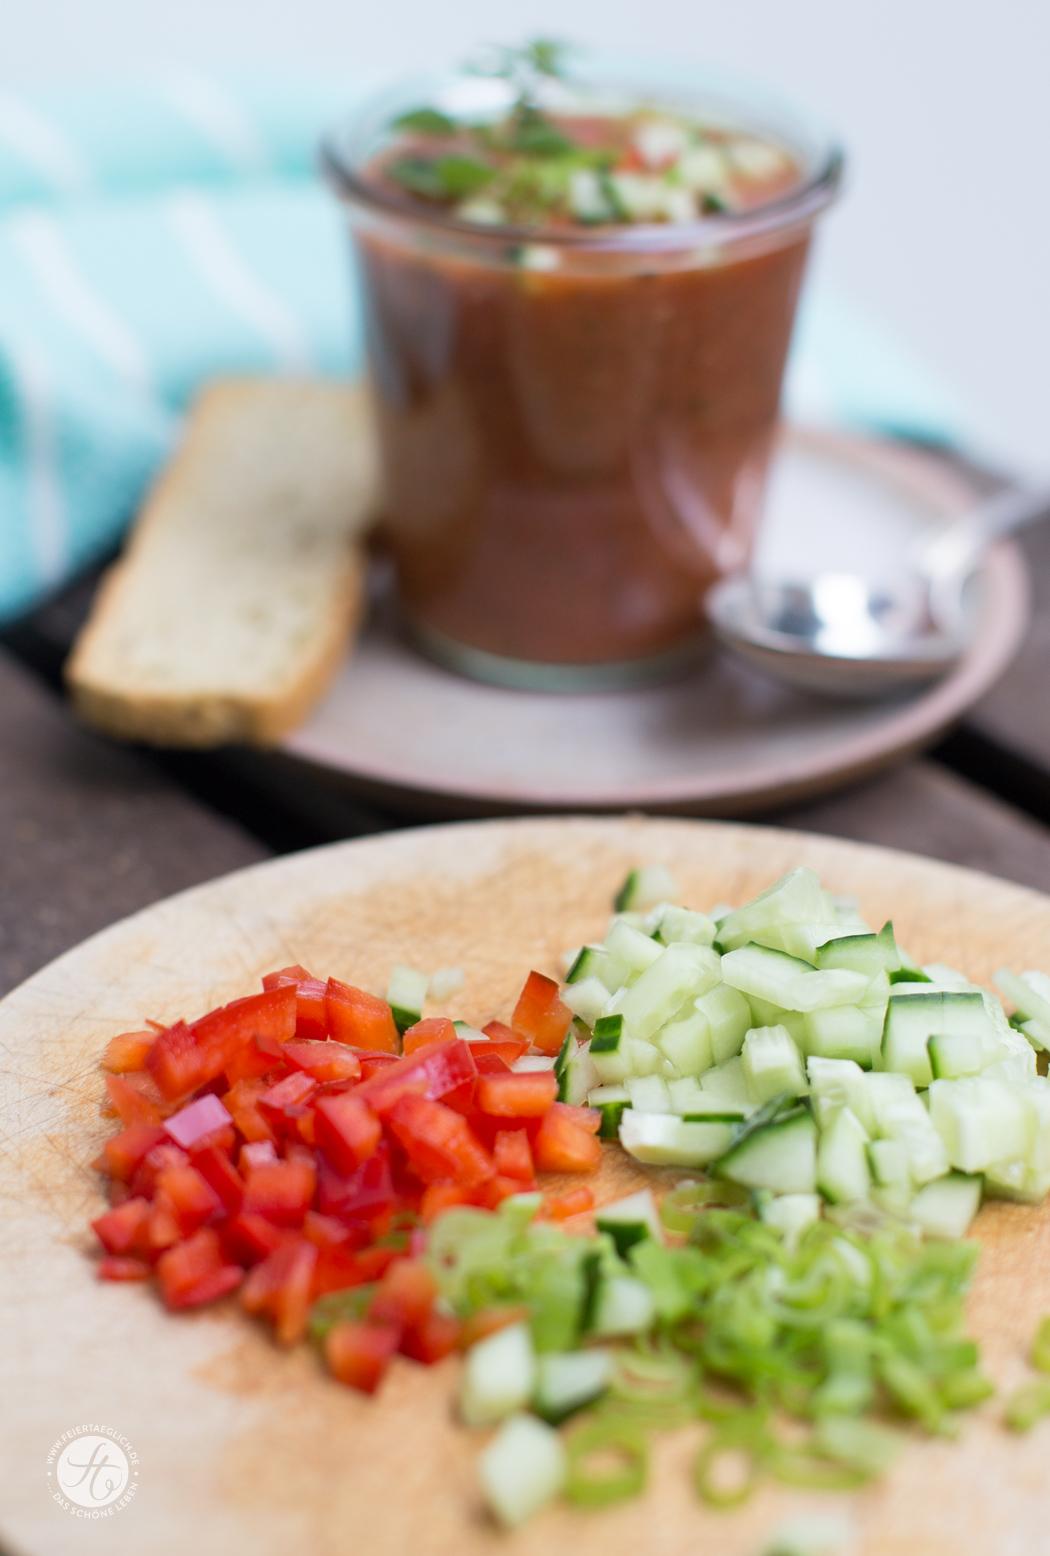 Zutaten für Schnelle Gazpacho, kalte Tomatensuppe, Rezept von feiertäglich.de